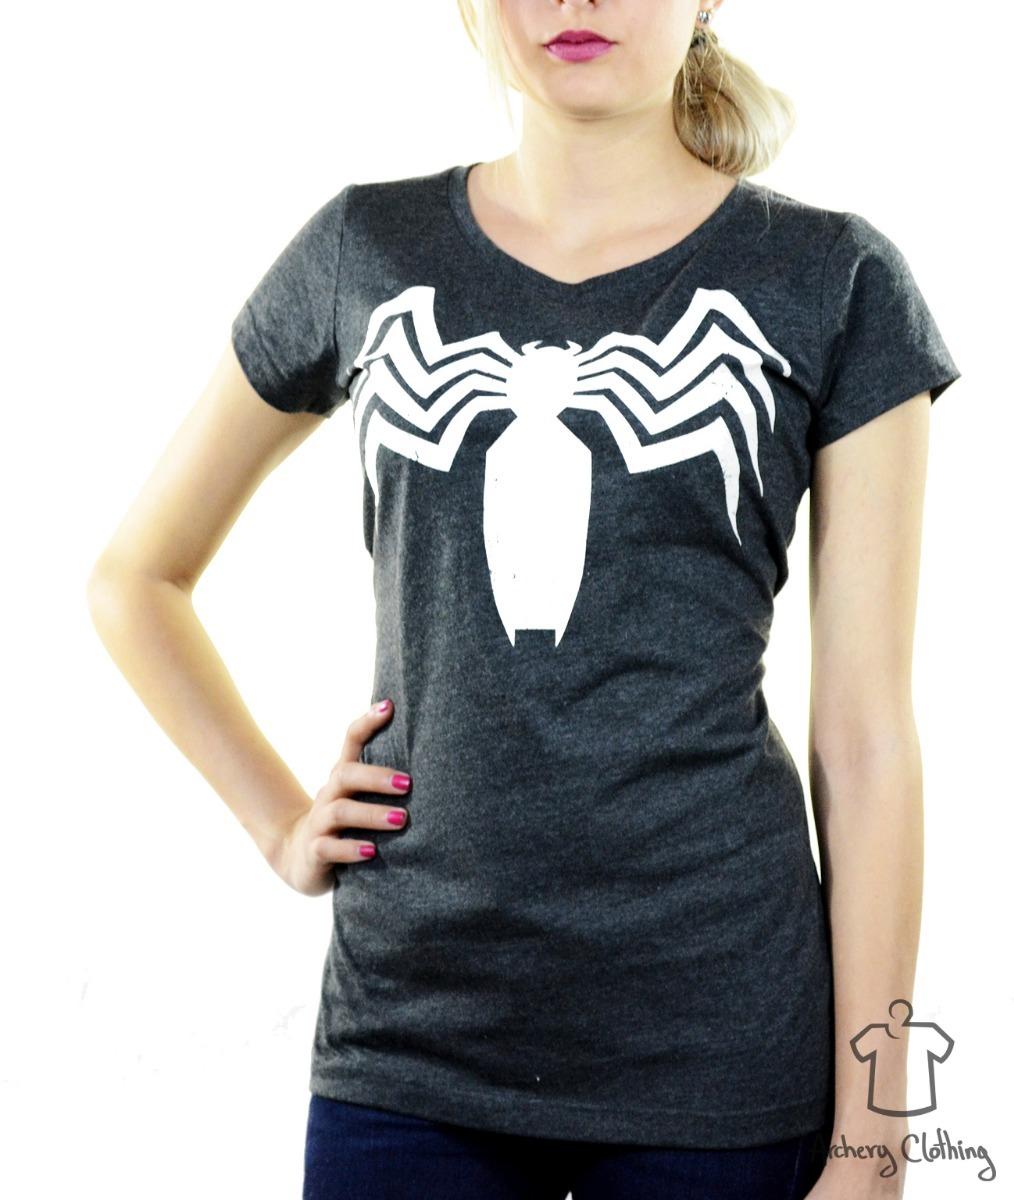 Playera Mujer Venom Logo Máscara De Látex -   270.00 en Mercado Libre 50c83fc910e90